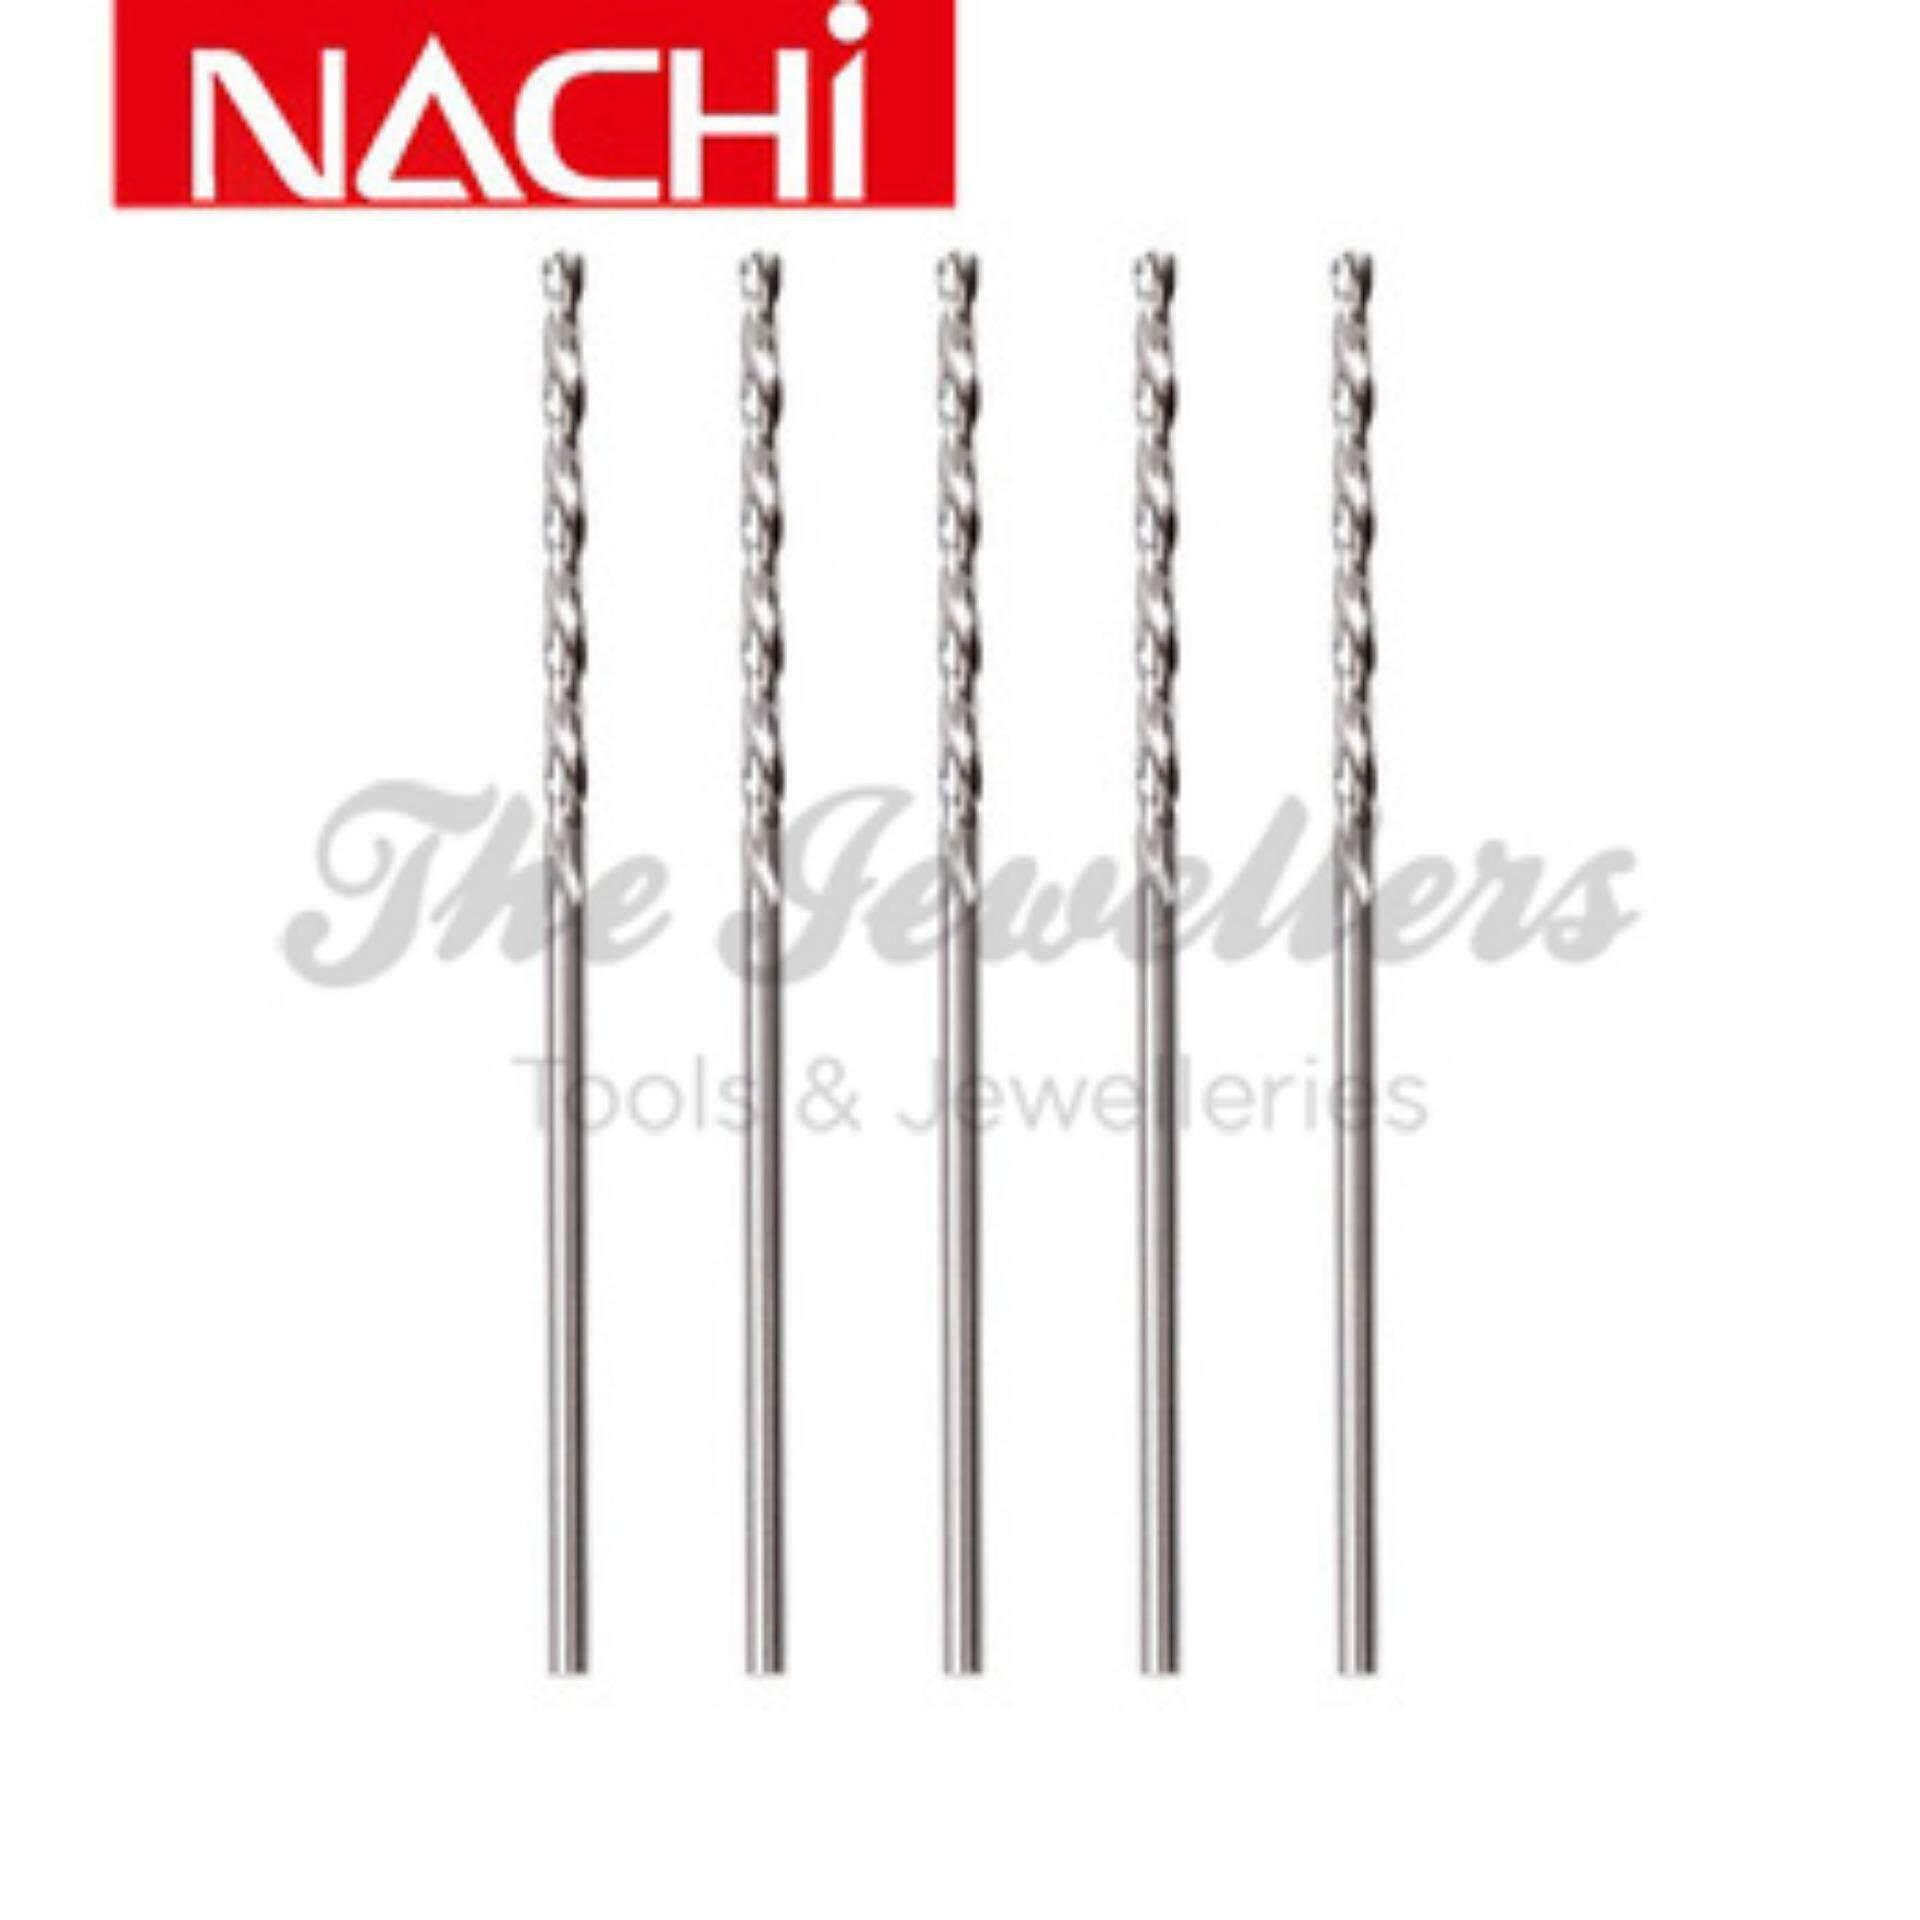 Nachi 10Pcs 1.0mm Standard Parallel Shank HSS Twist Drills